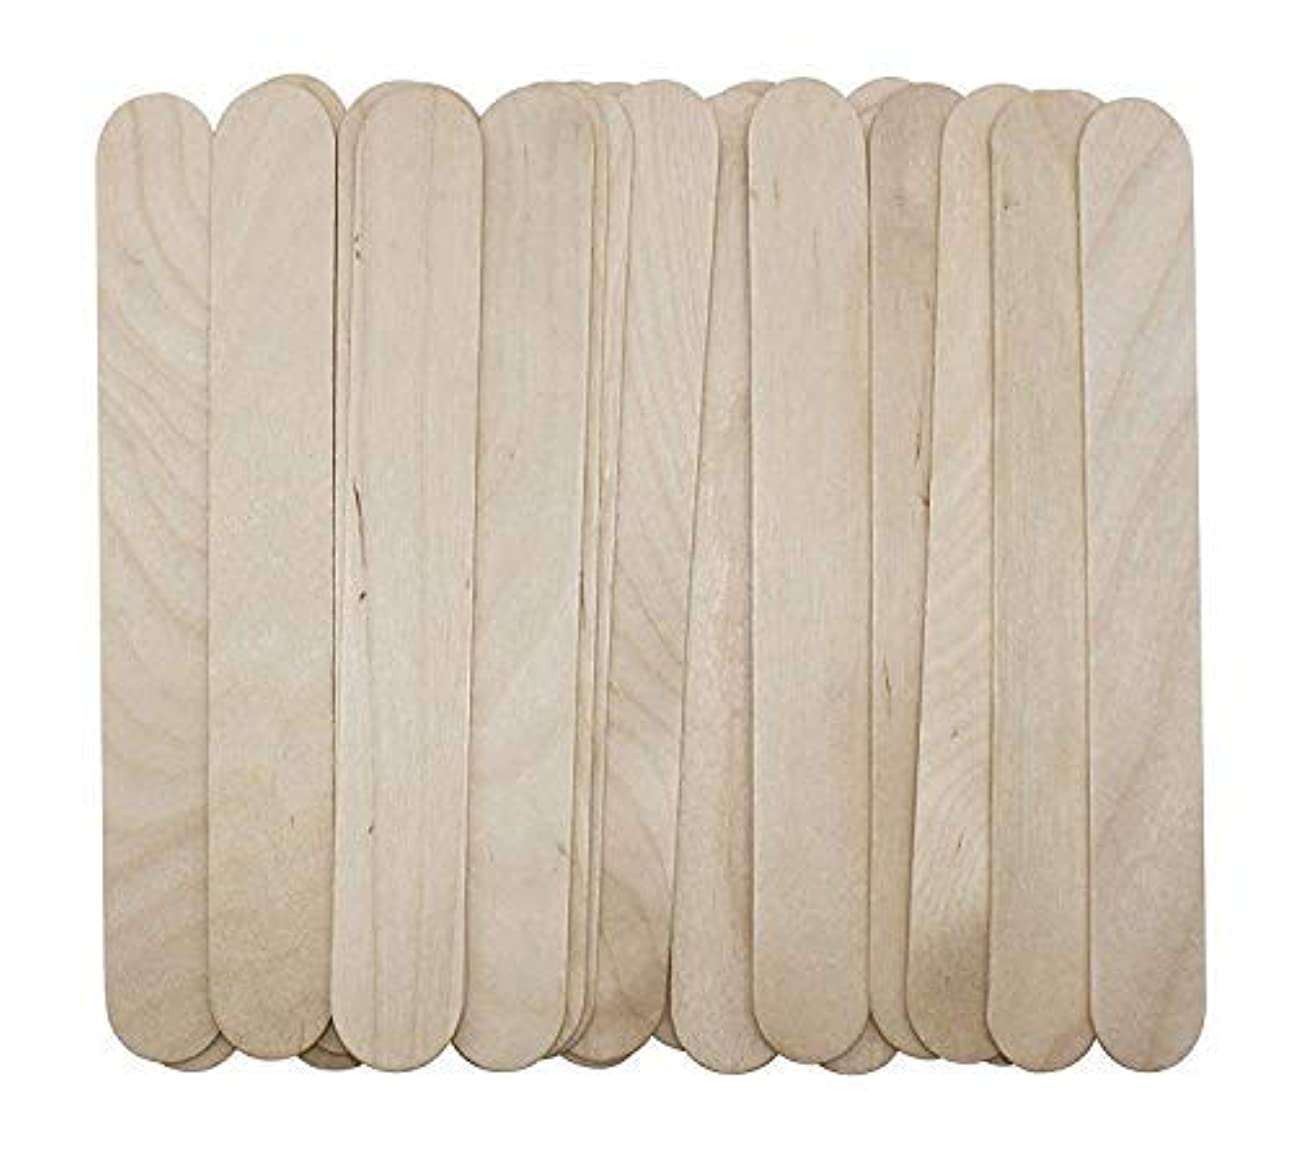 フォージ思いやりのある理解する100 Large Wax Waxing Wood Body Hair Removal Craft Sticks Applicator Spatula 141[並行輸入]